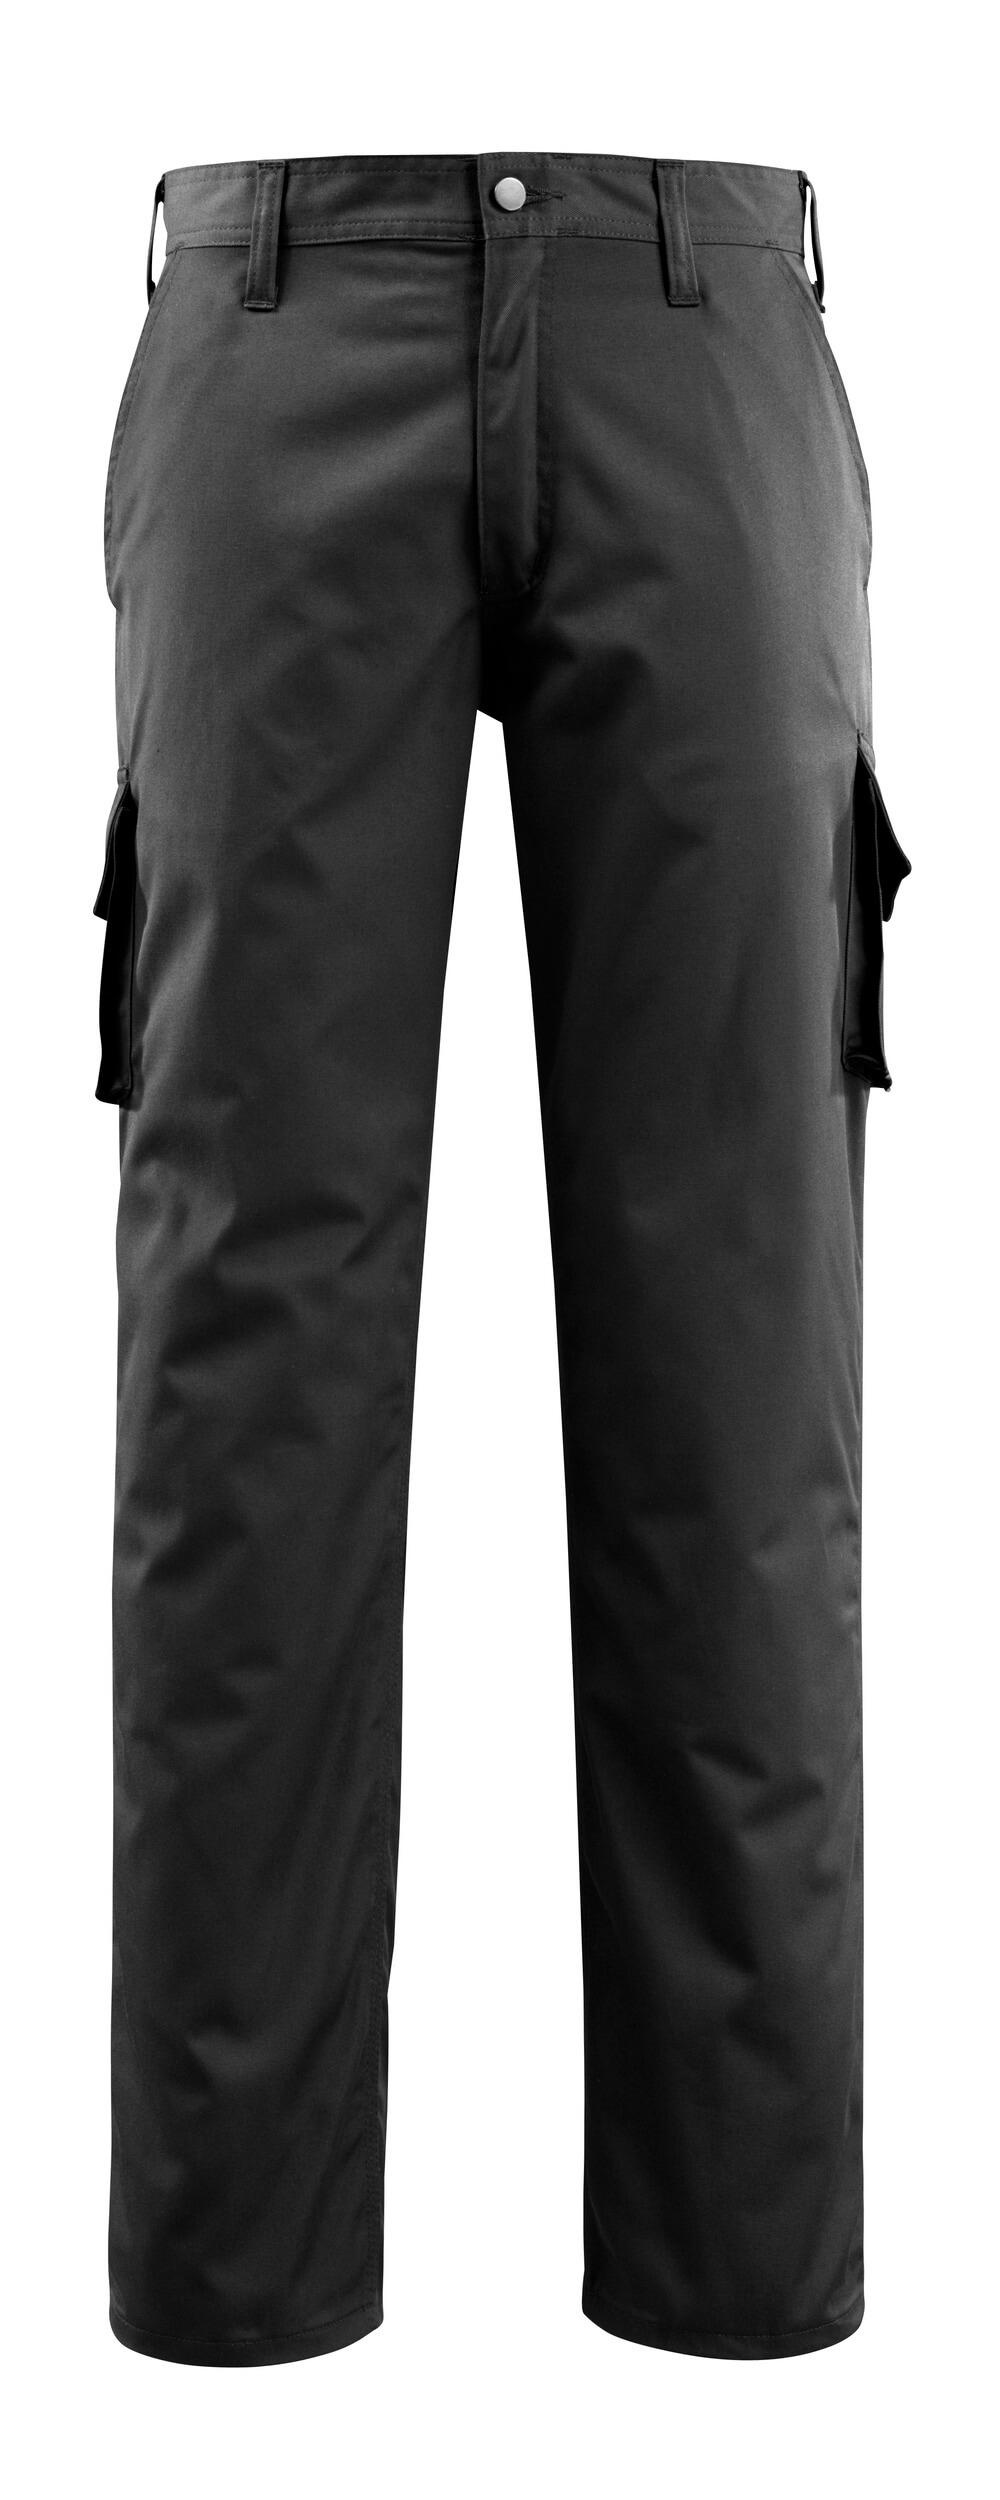 14779-850-09 Bukser med lårlommer - sort